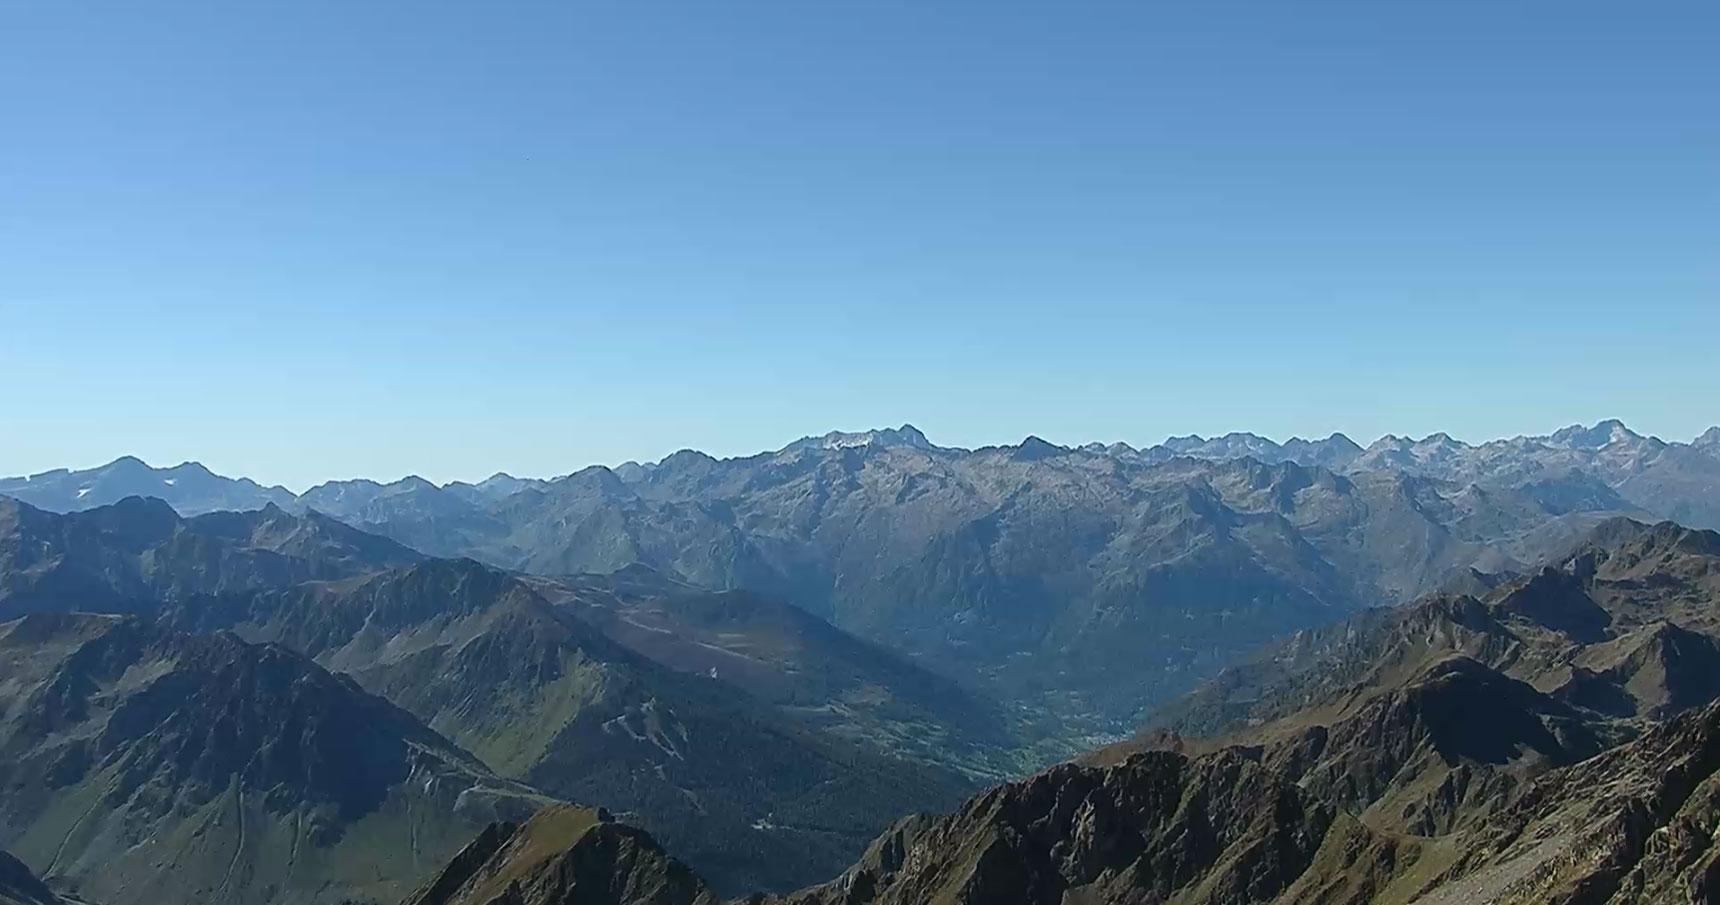 Pic du Midi webcam